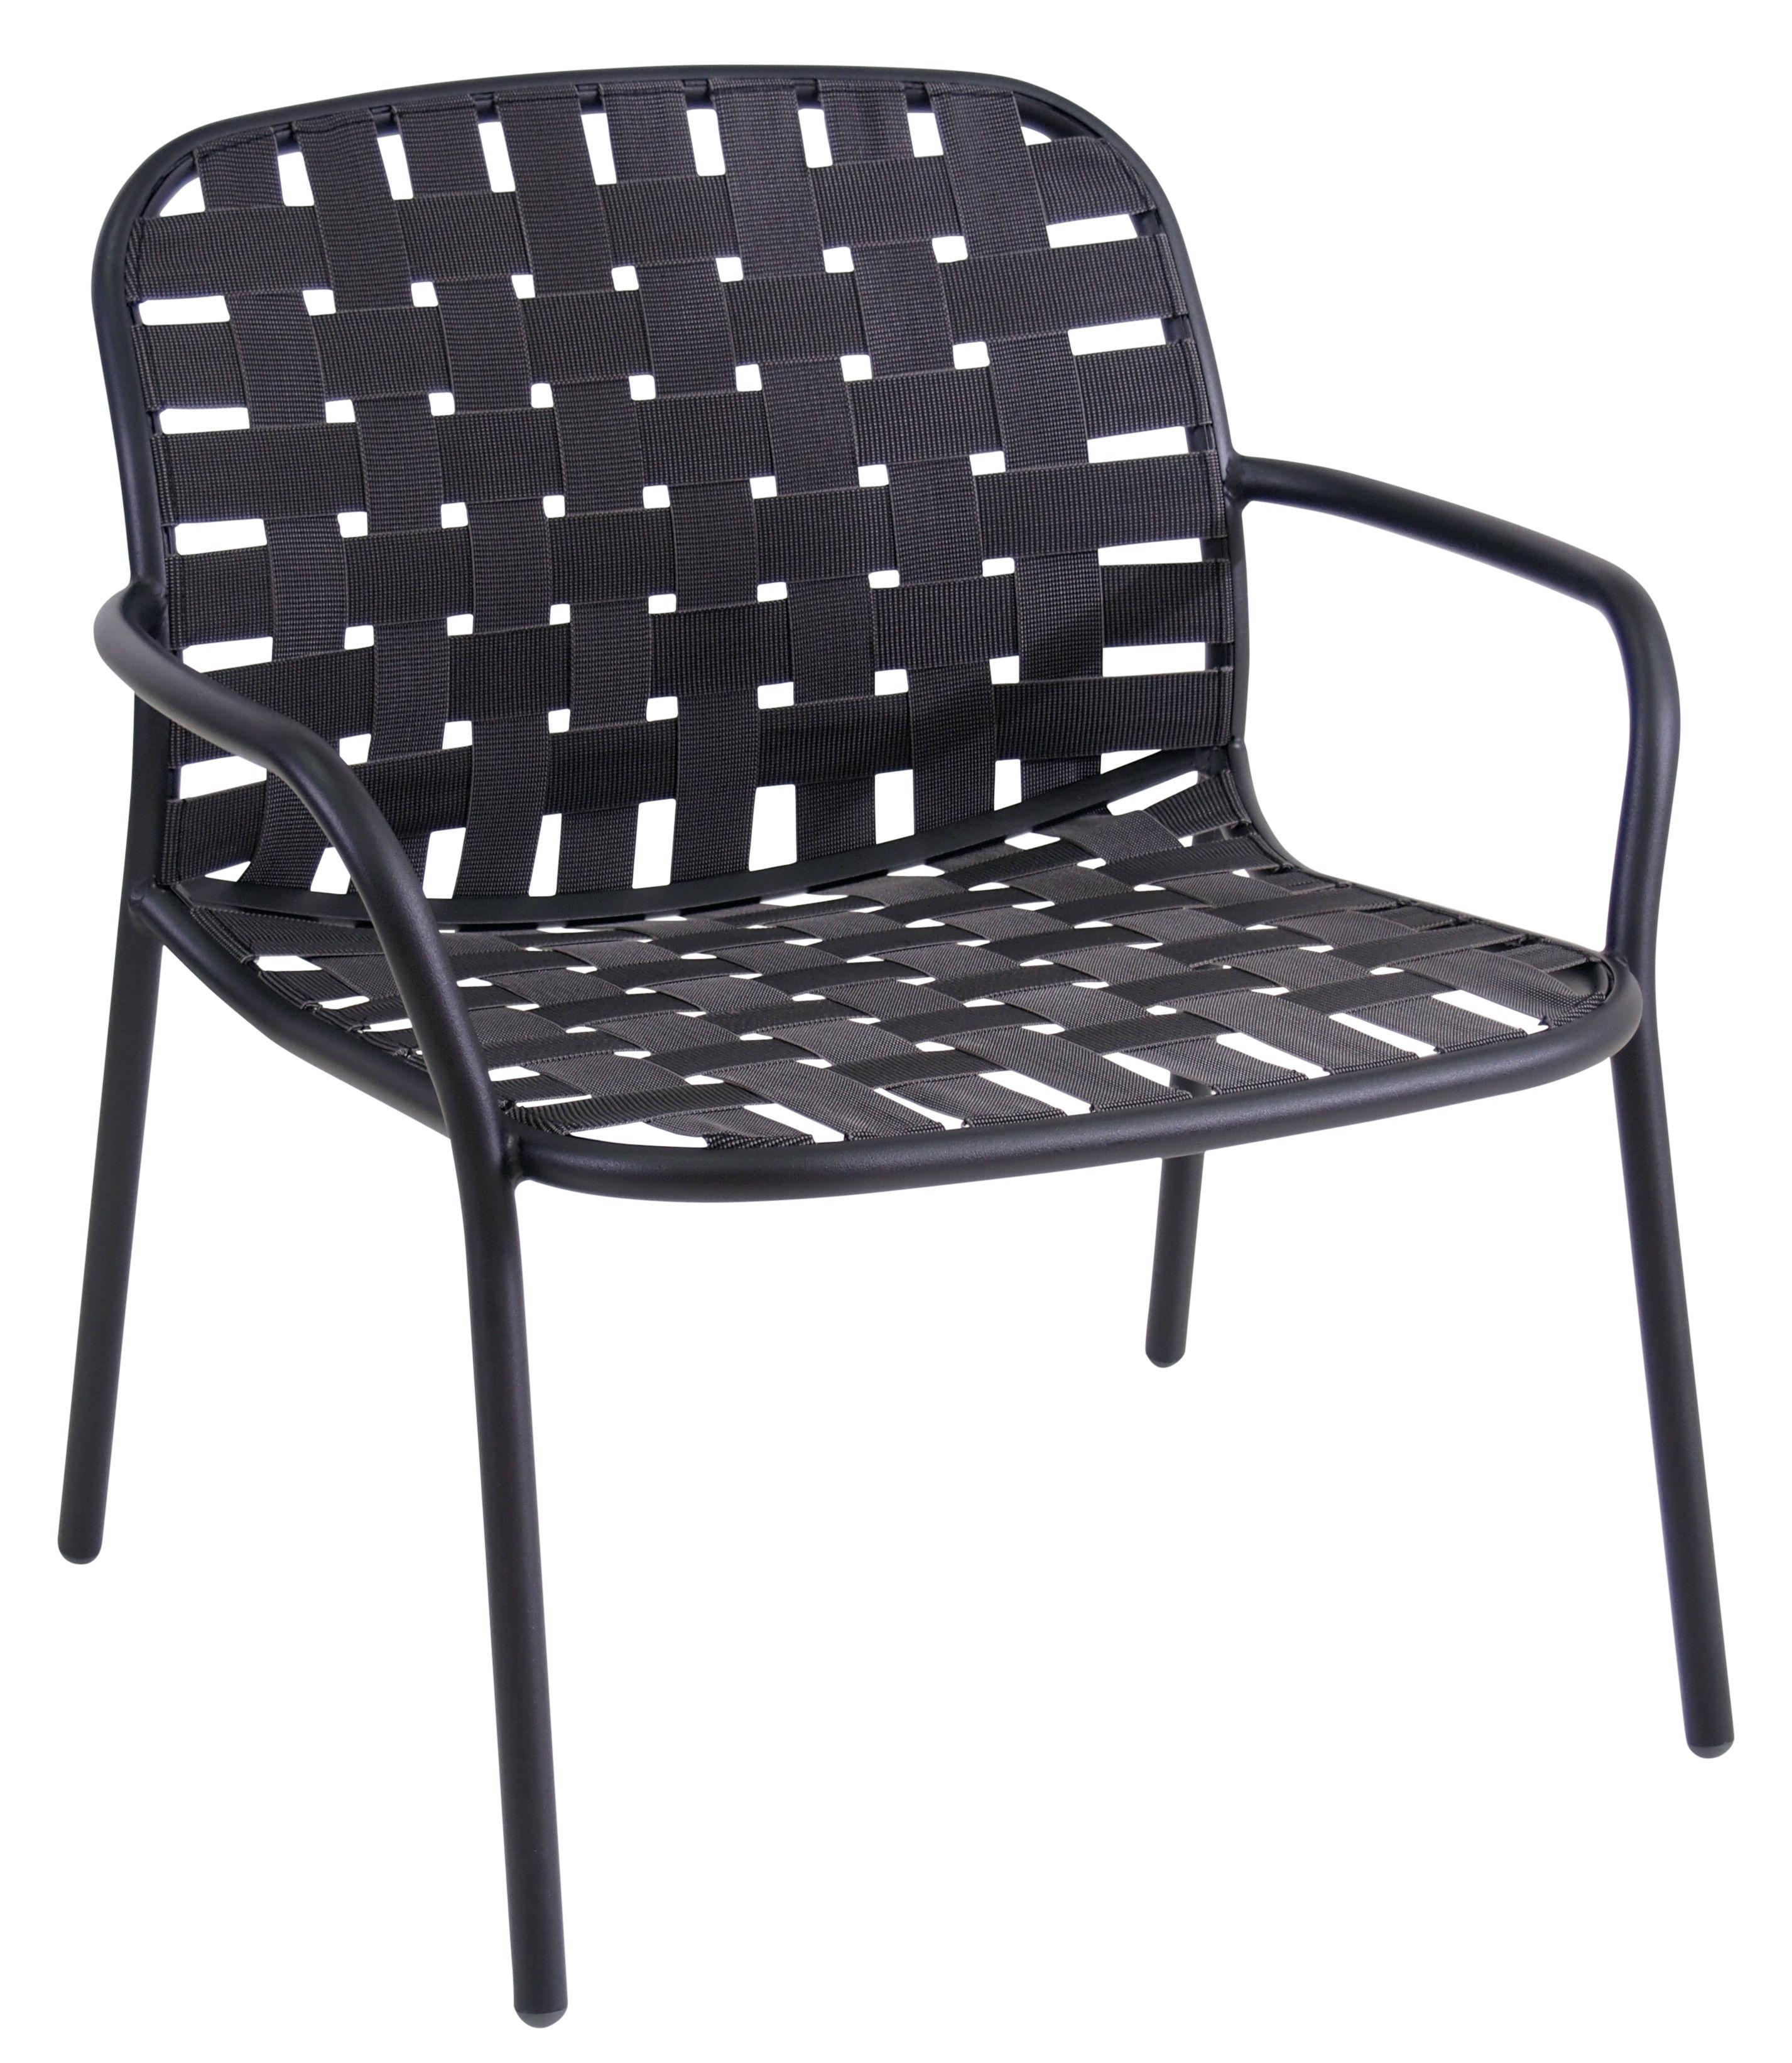 Mobilier - Fauteuils - Fauteuil bas Yard / Sangles élastiques - Emu - Noir - Aluminium verni, Sangles élastiques